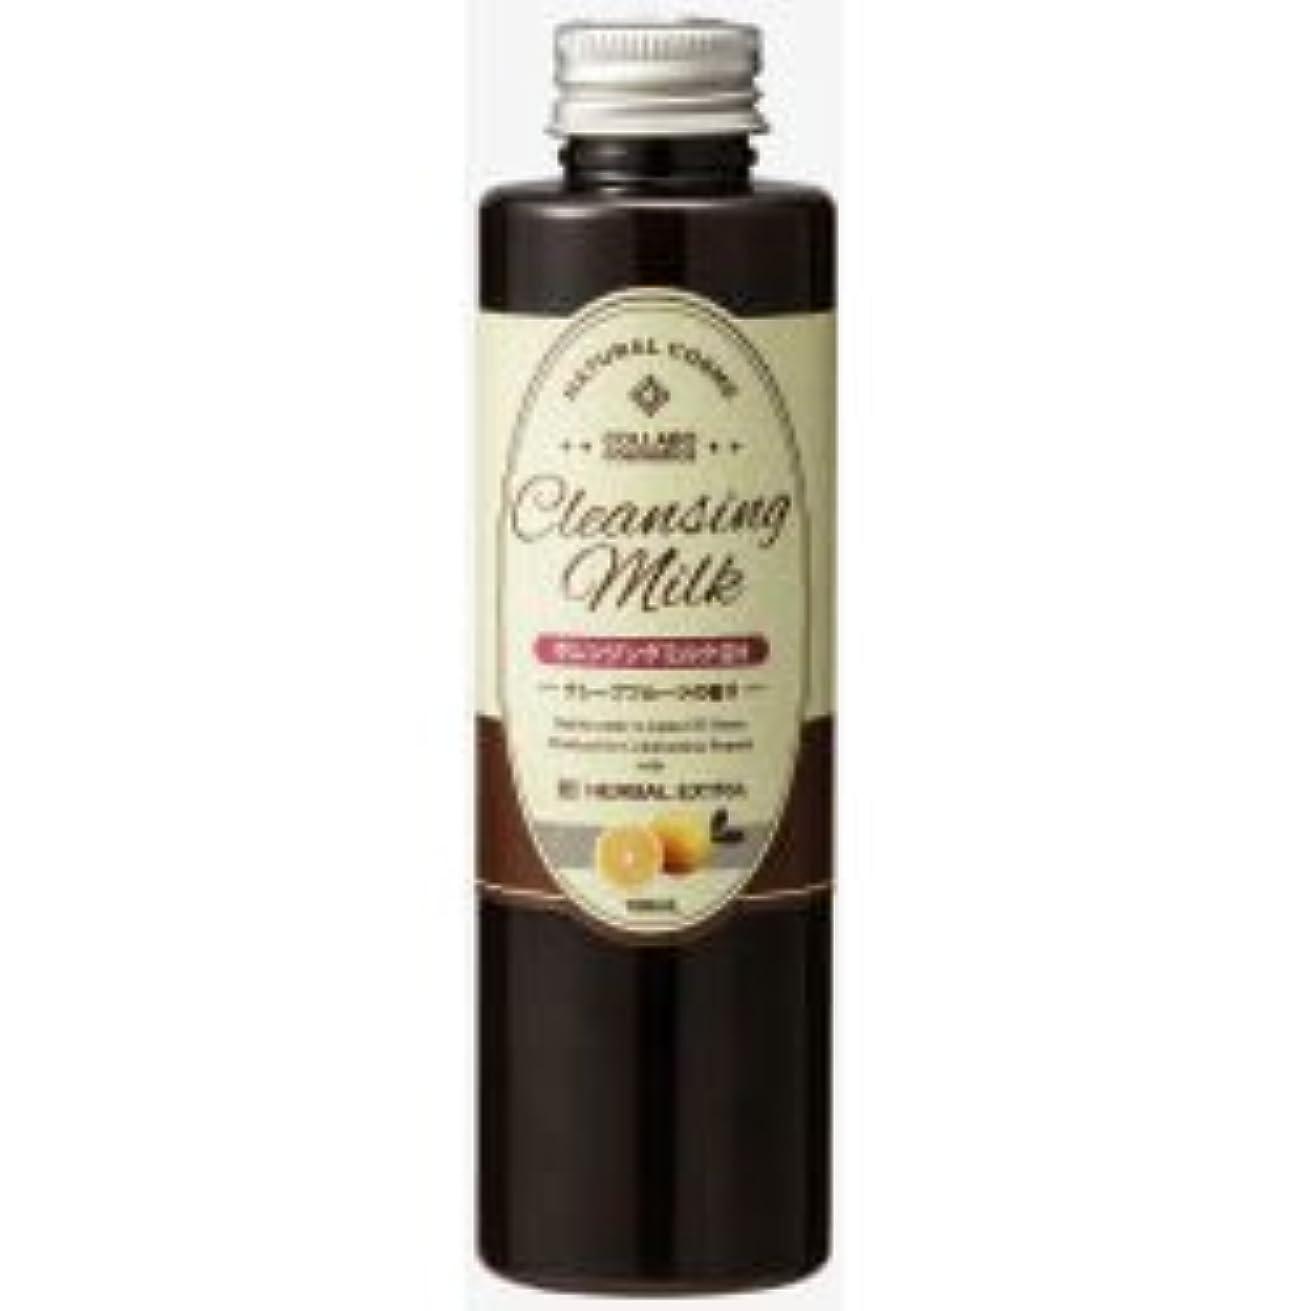 証人本気巧みな[ゼミド×ハーバルエクストラ] クレンジングミルクGH グレープフルーツの香り 150ml